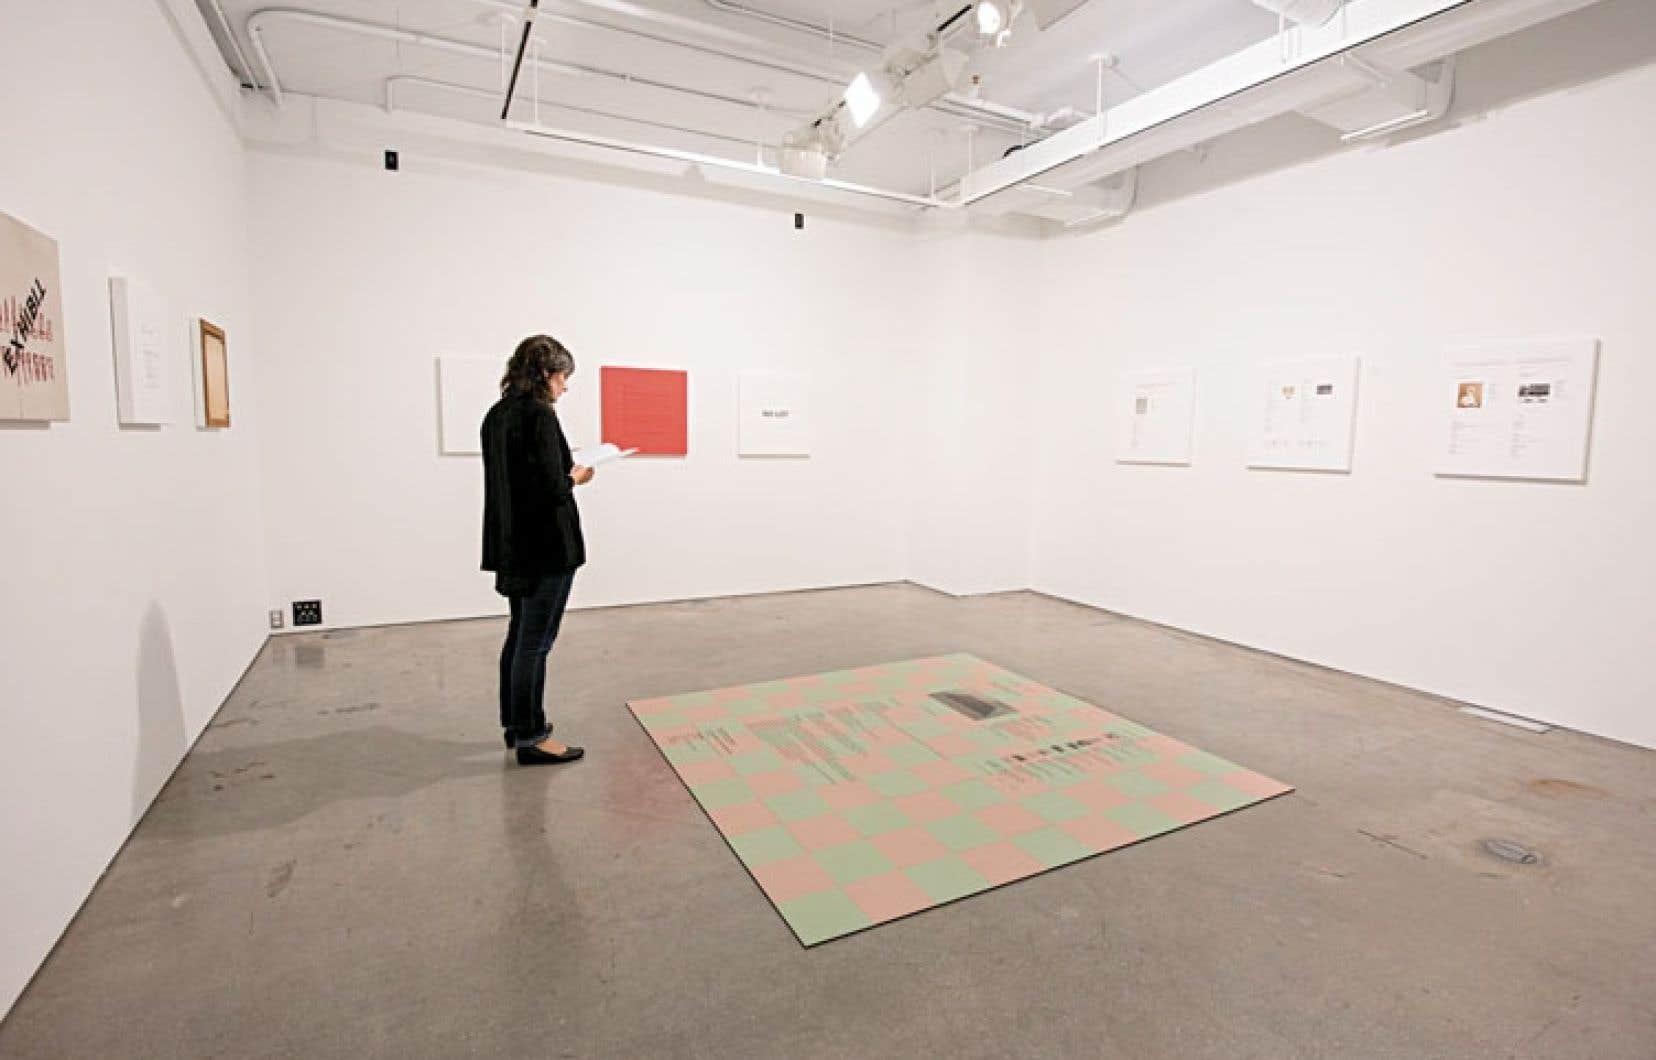 L'installation de David Tomas expose toute une série de catalogues d'une maison de vente, catalogues qui parfois ont des thèmes, tels l'Afrique, la musique, l'Amérique latine.